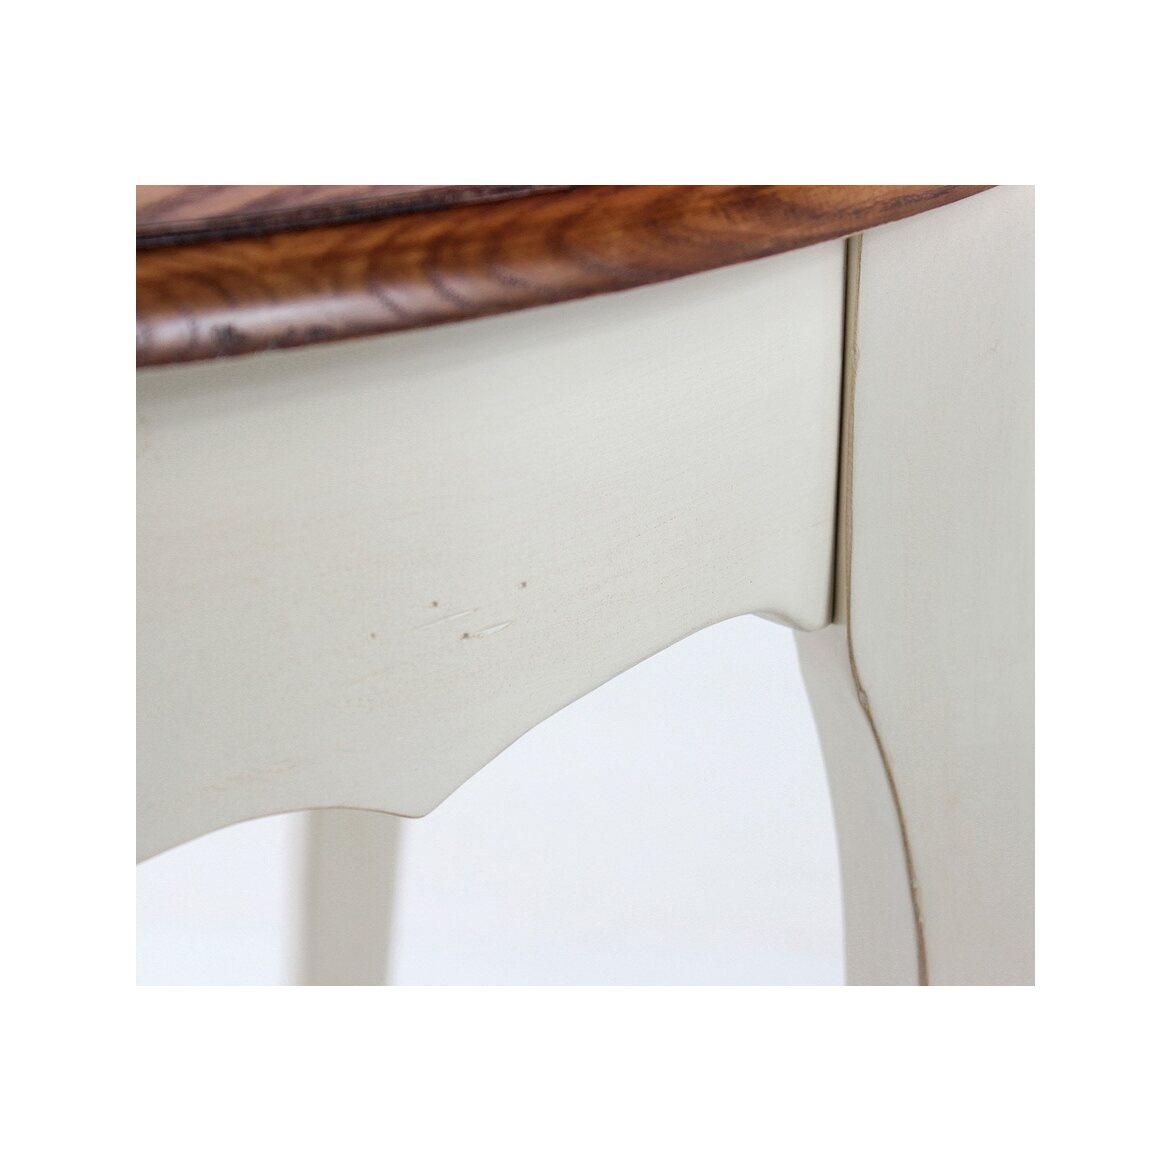 Круглый обеденный стол Leontina (малый), бежевого цвета 5 | Обеденные столы Kingsby